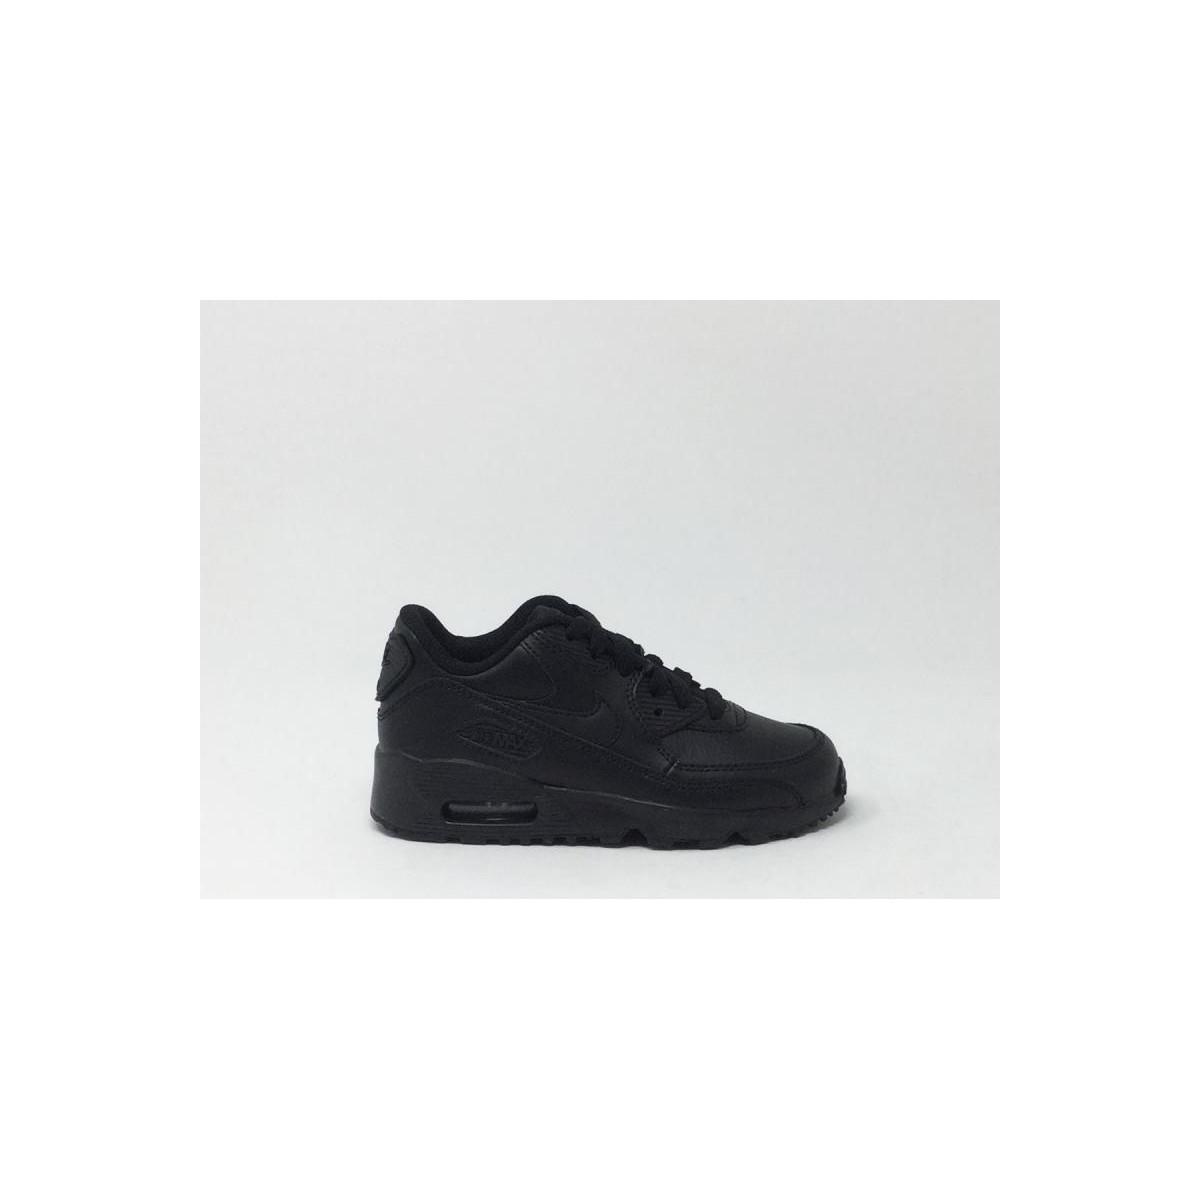 AIR MAX 90 NOIR femmes Chaussures en Noir Nike en coloris Noir ...